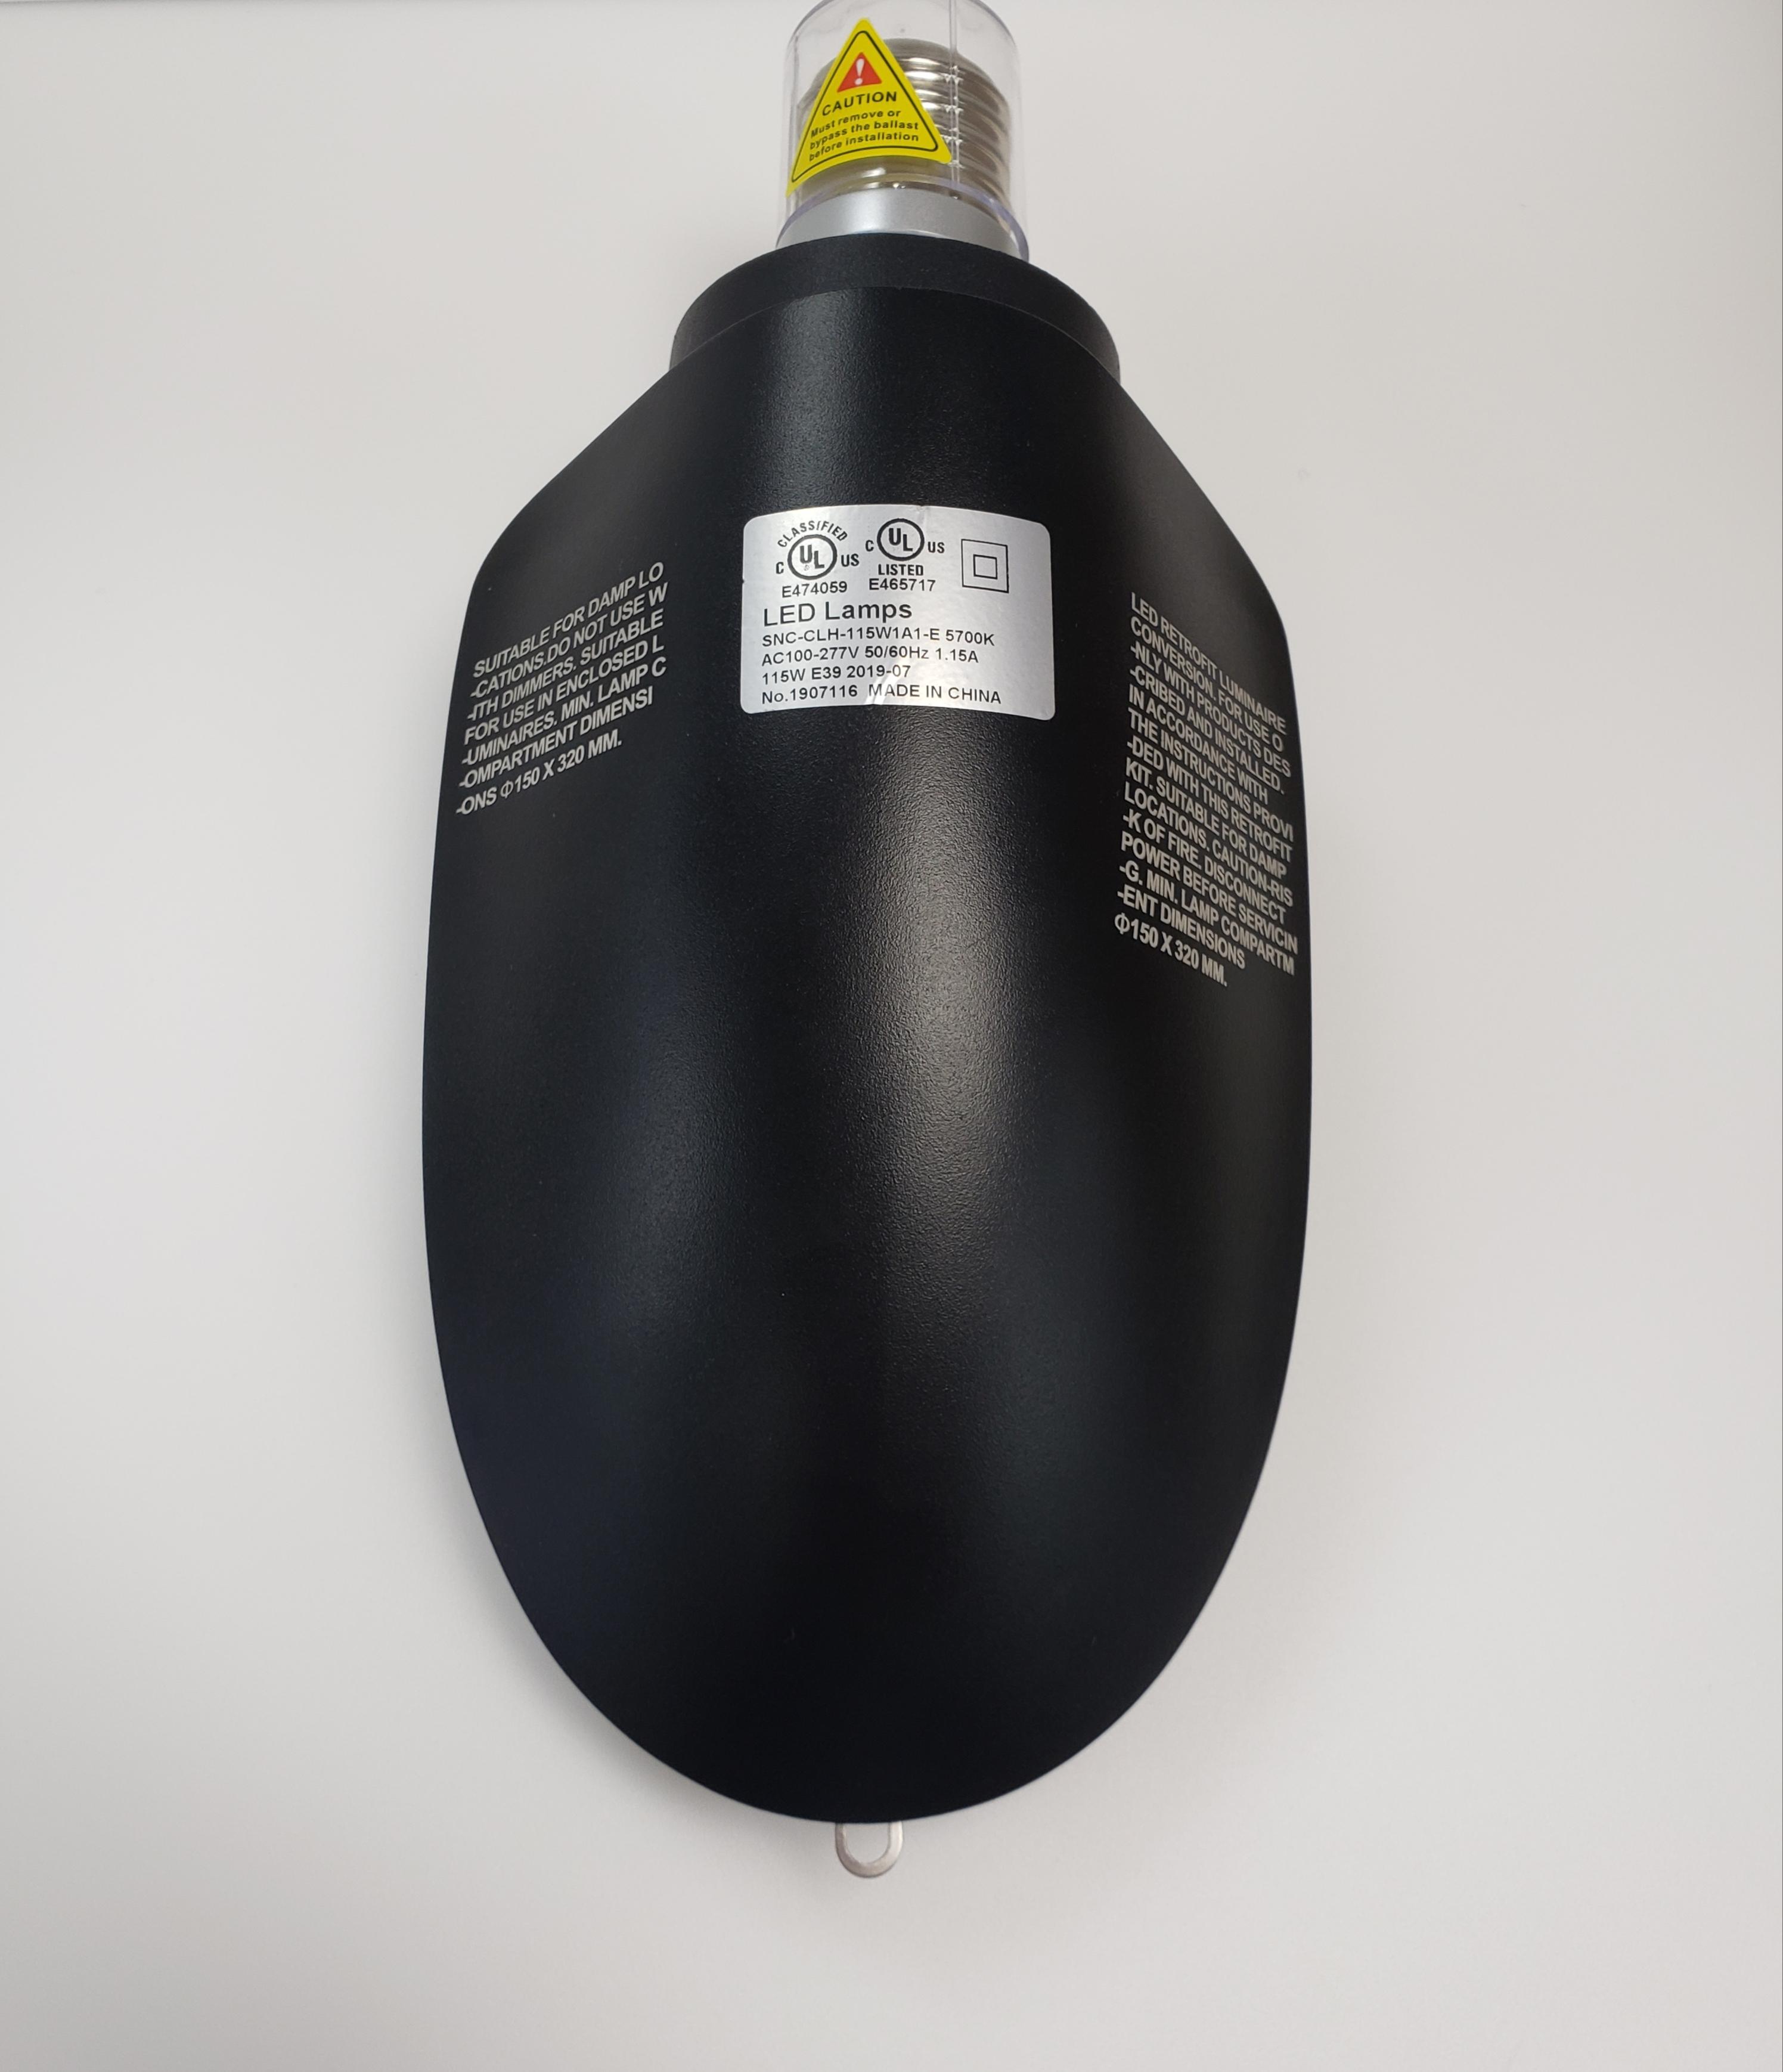 Corn Bulb DLC Rated 115 Watt 5000K